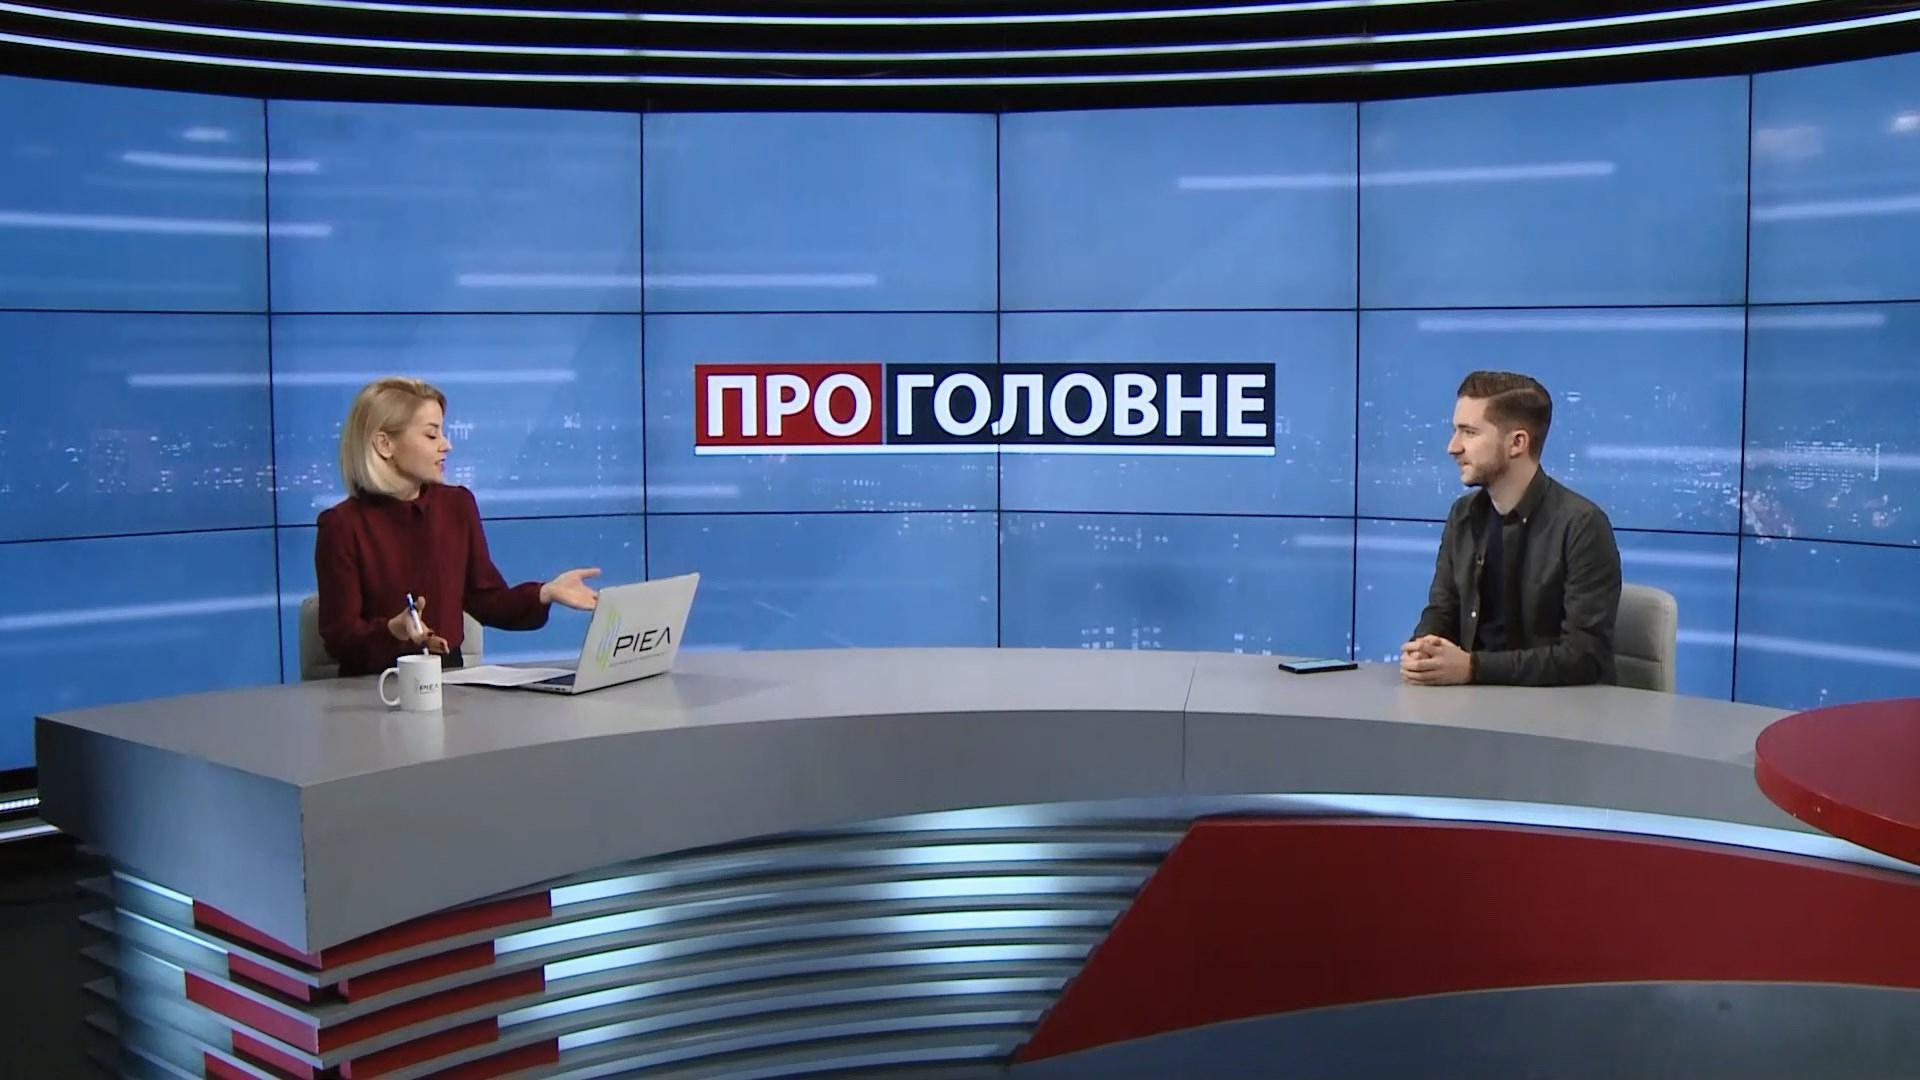 Спецоперация Кремля: Саакян предположил, что Зеленского могли подставить в Омане - 24 Канал